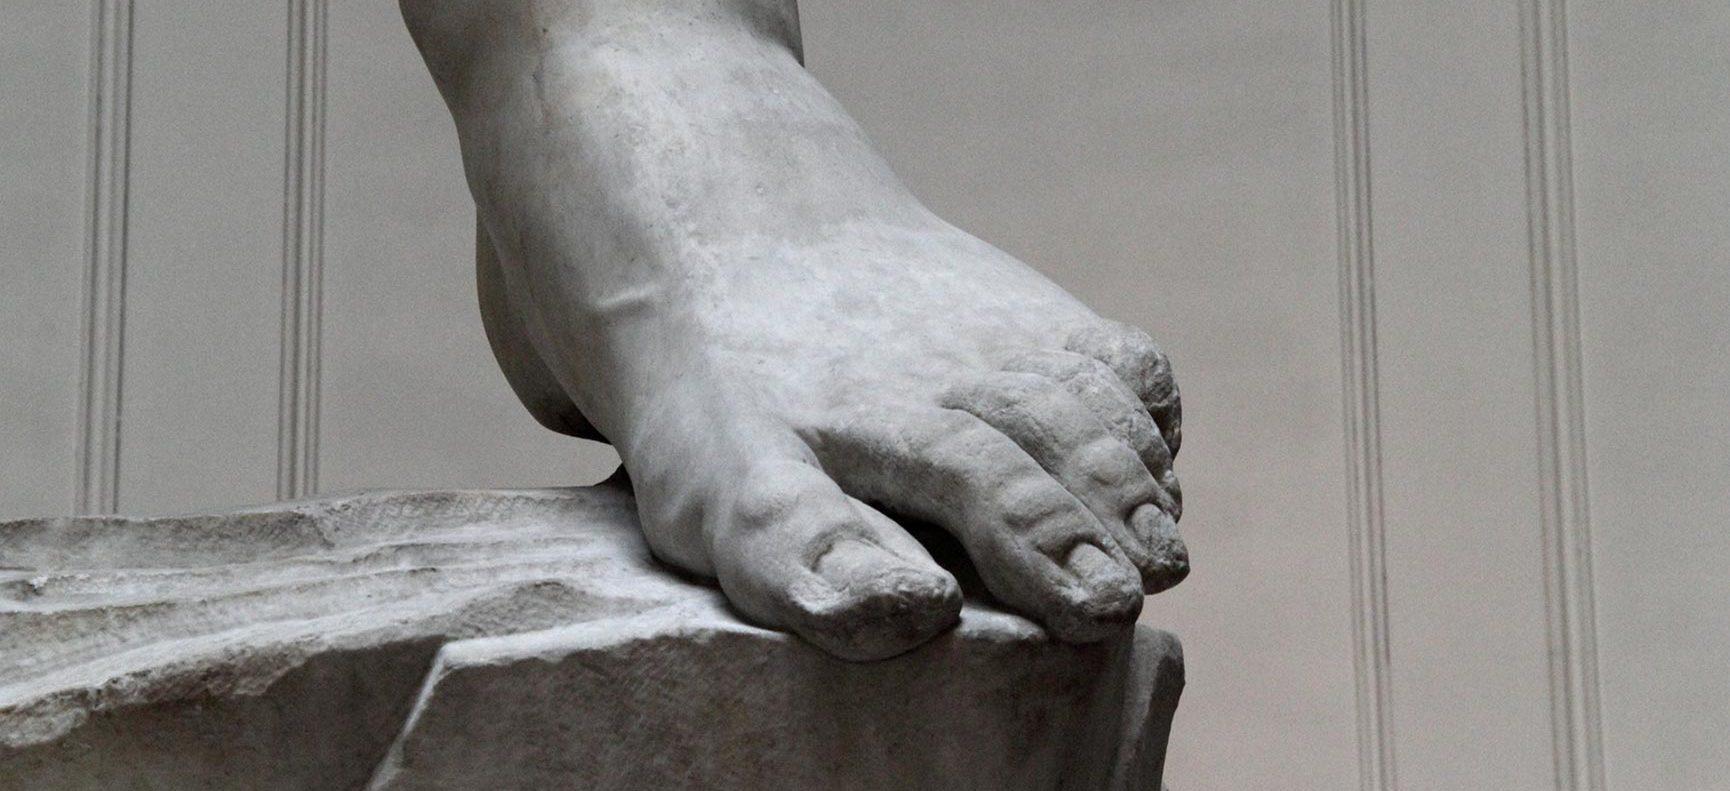 The foot of Michelangelo's David